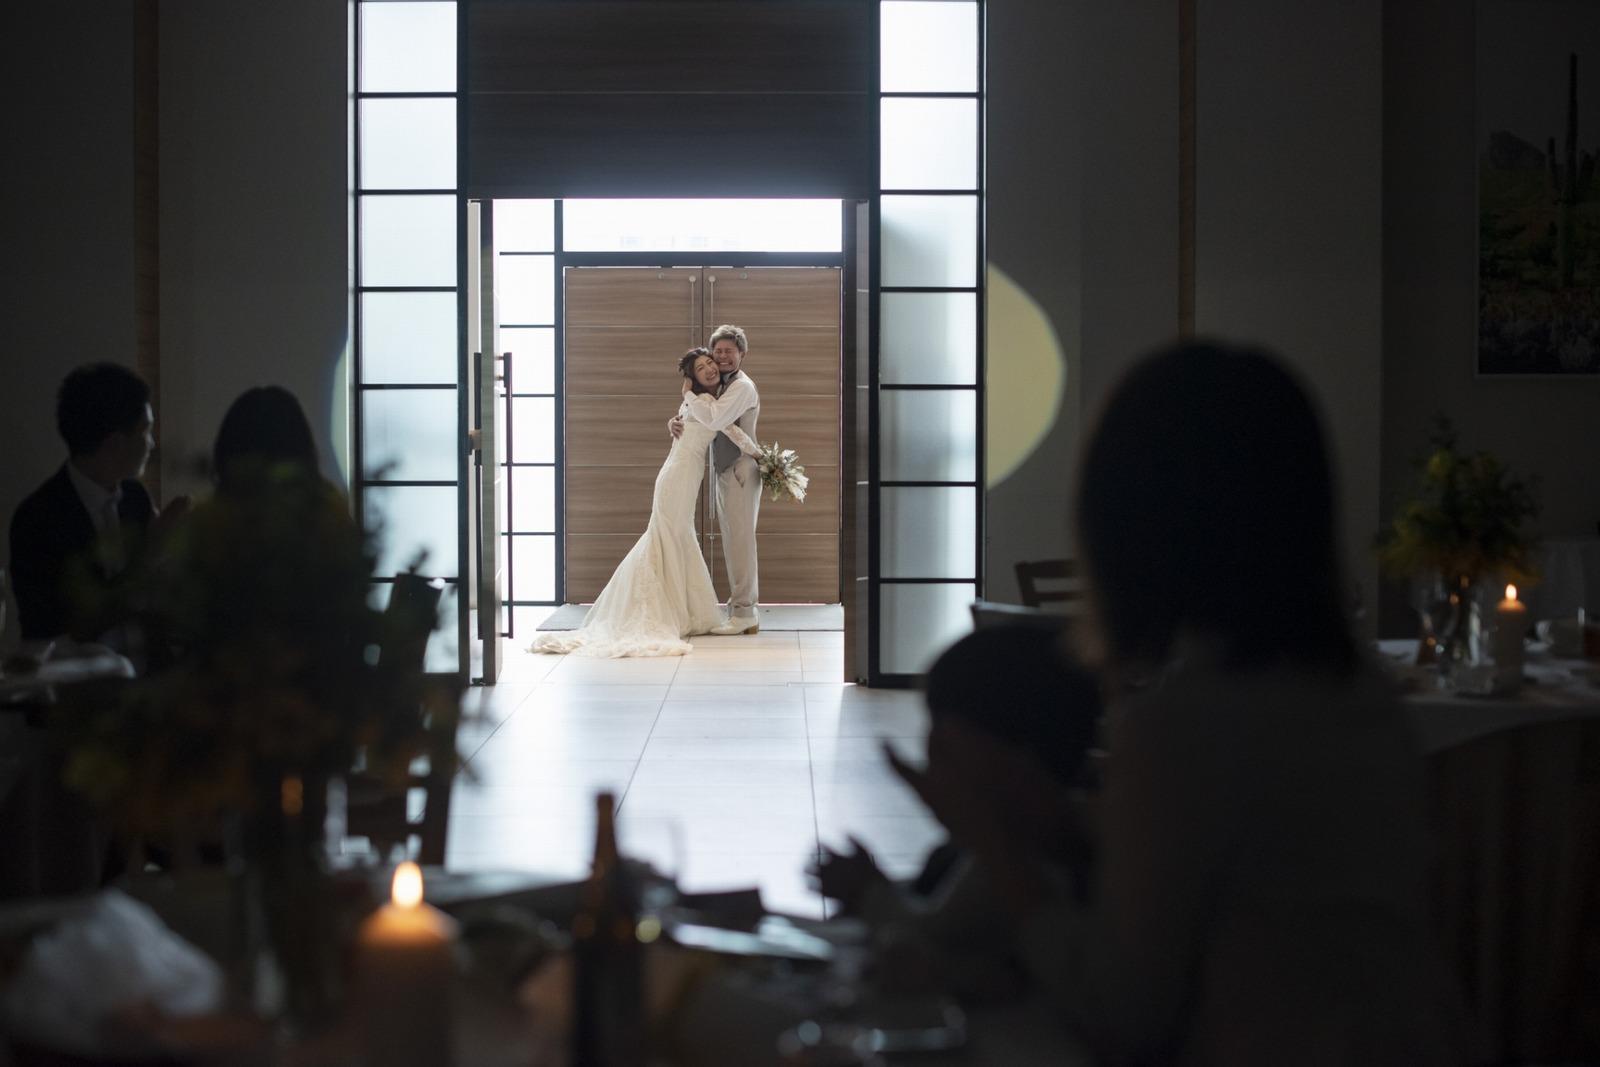 香川県の結婚式場シェルエメール&アイスタイルのクロージングハグ